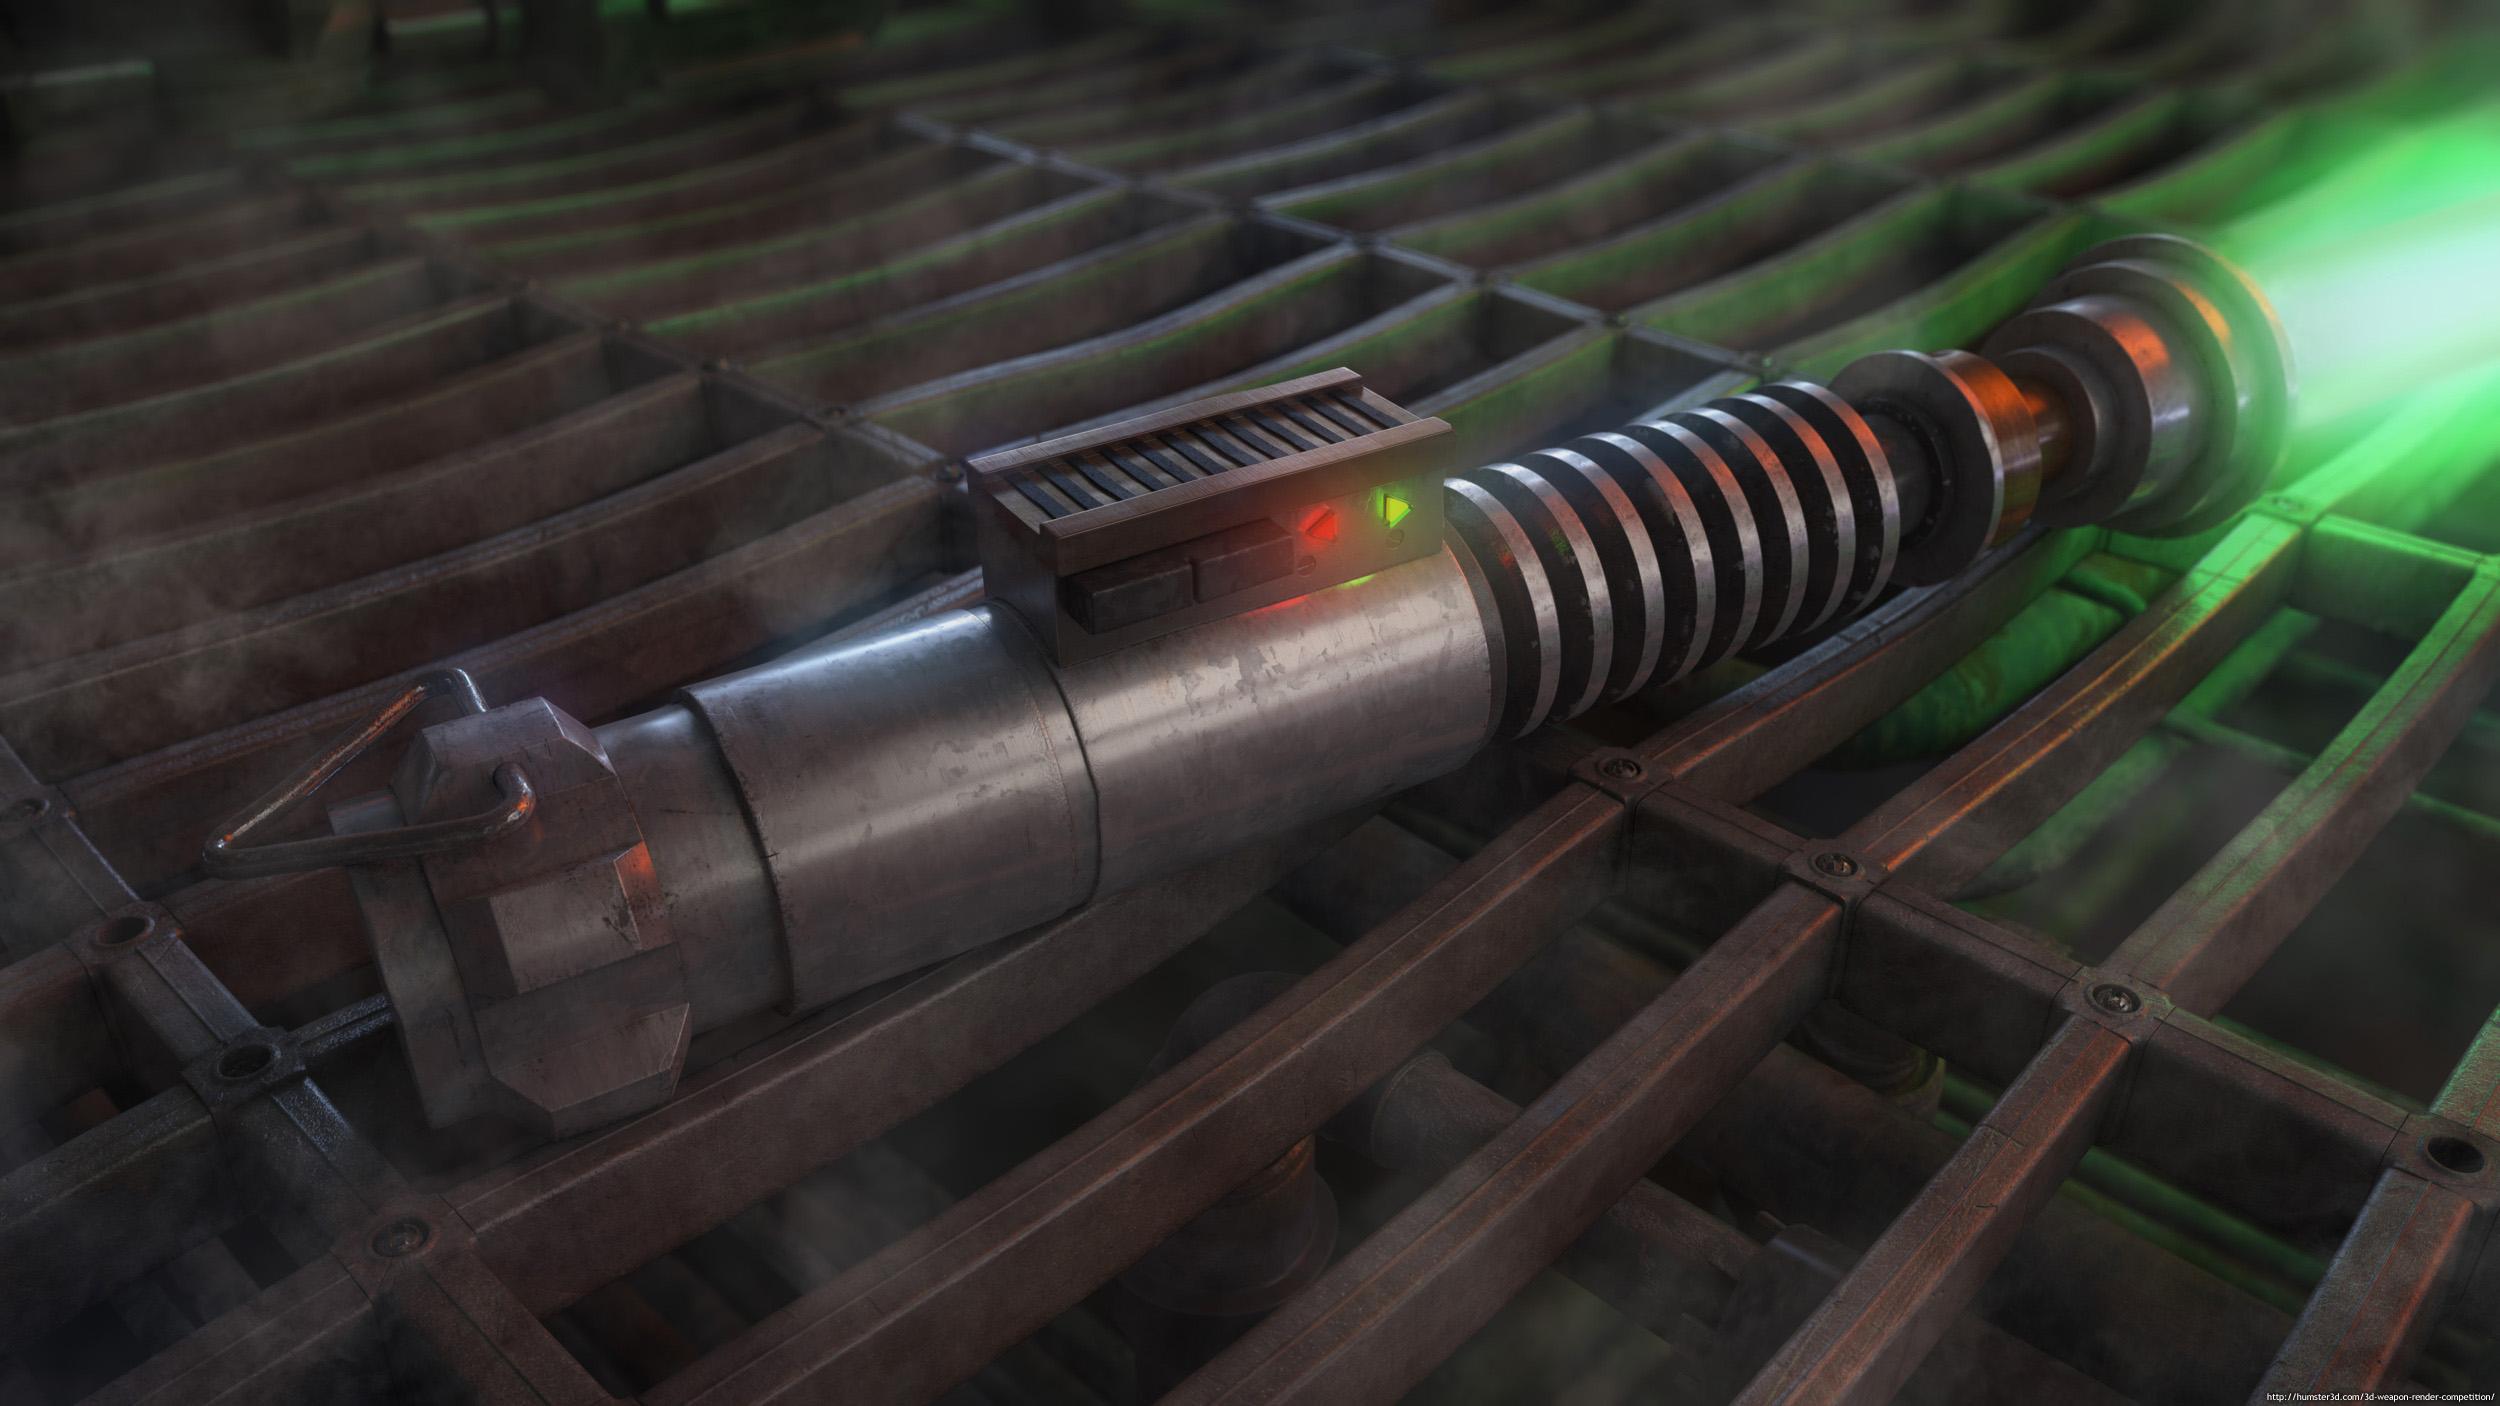 The ROTJ Luke Skywalker Lightsaber 3d art